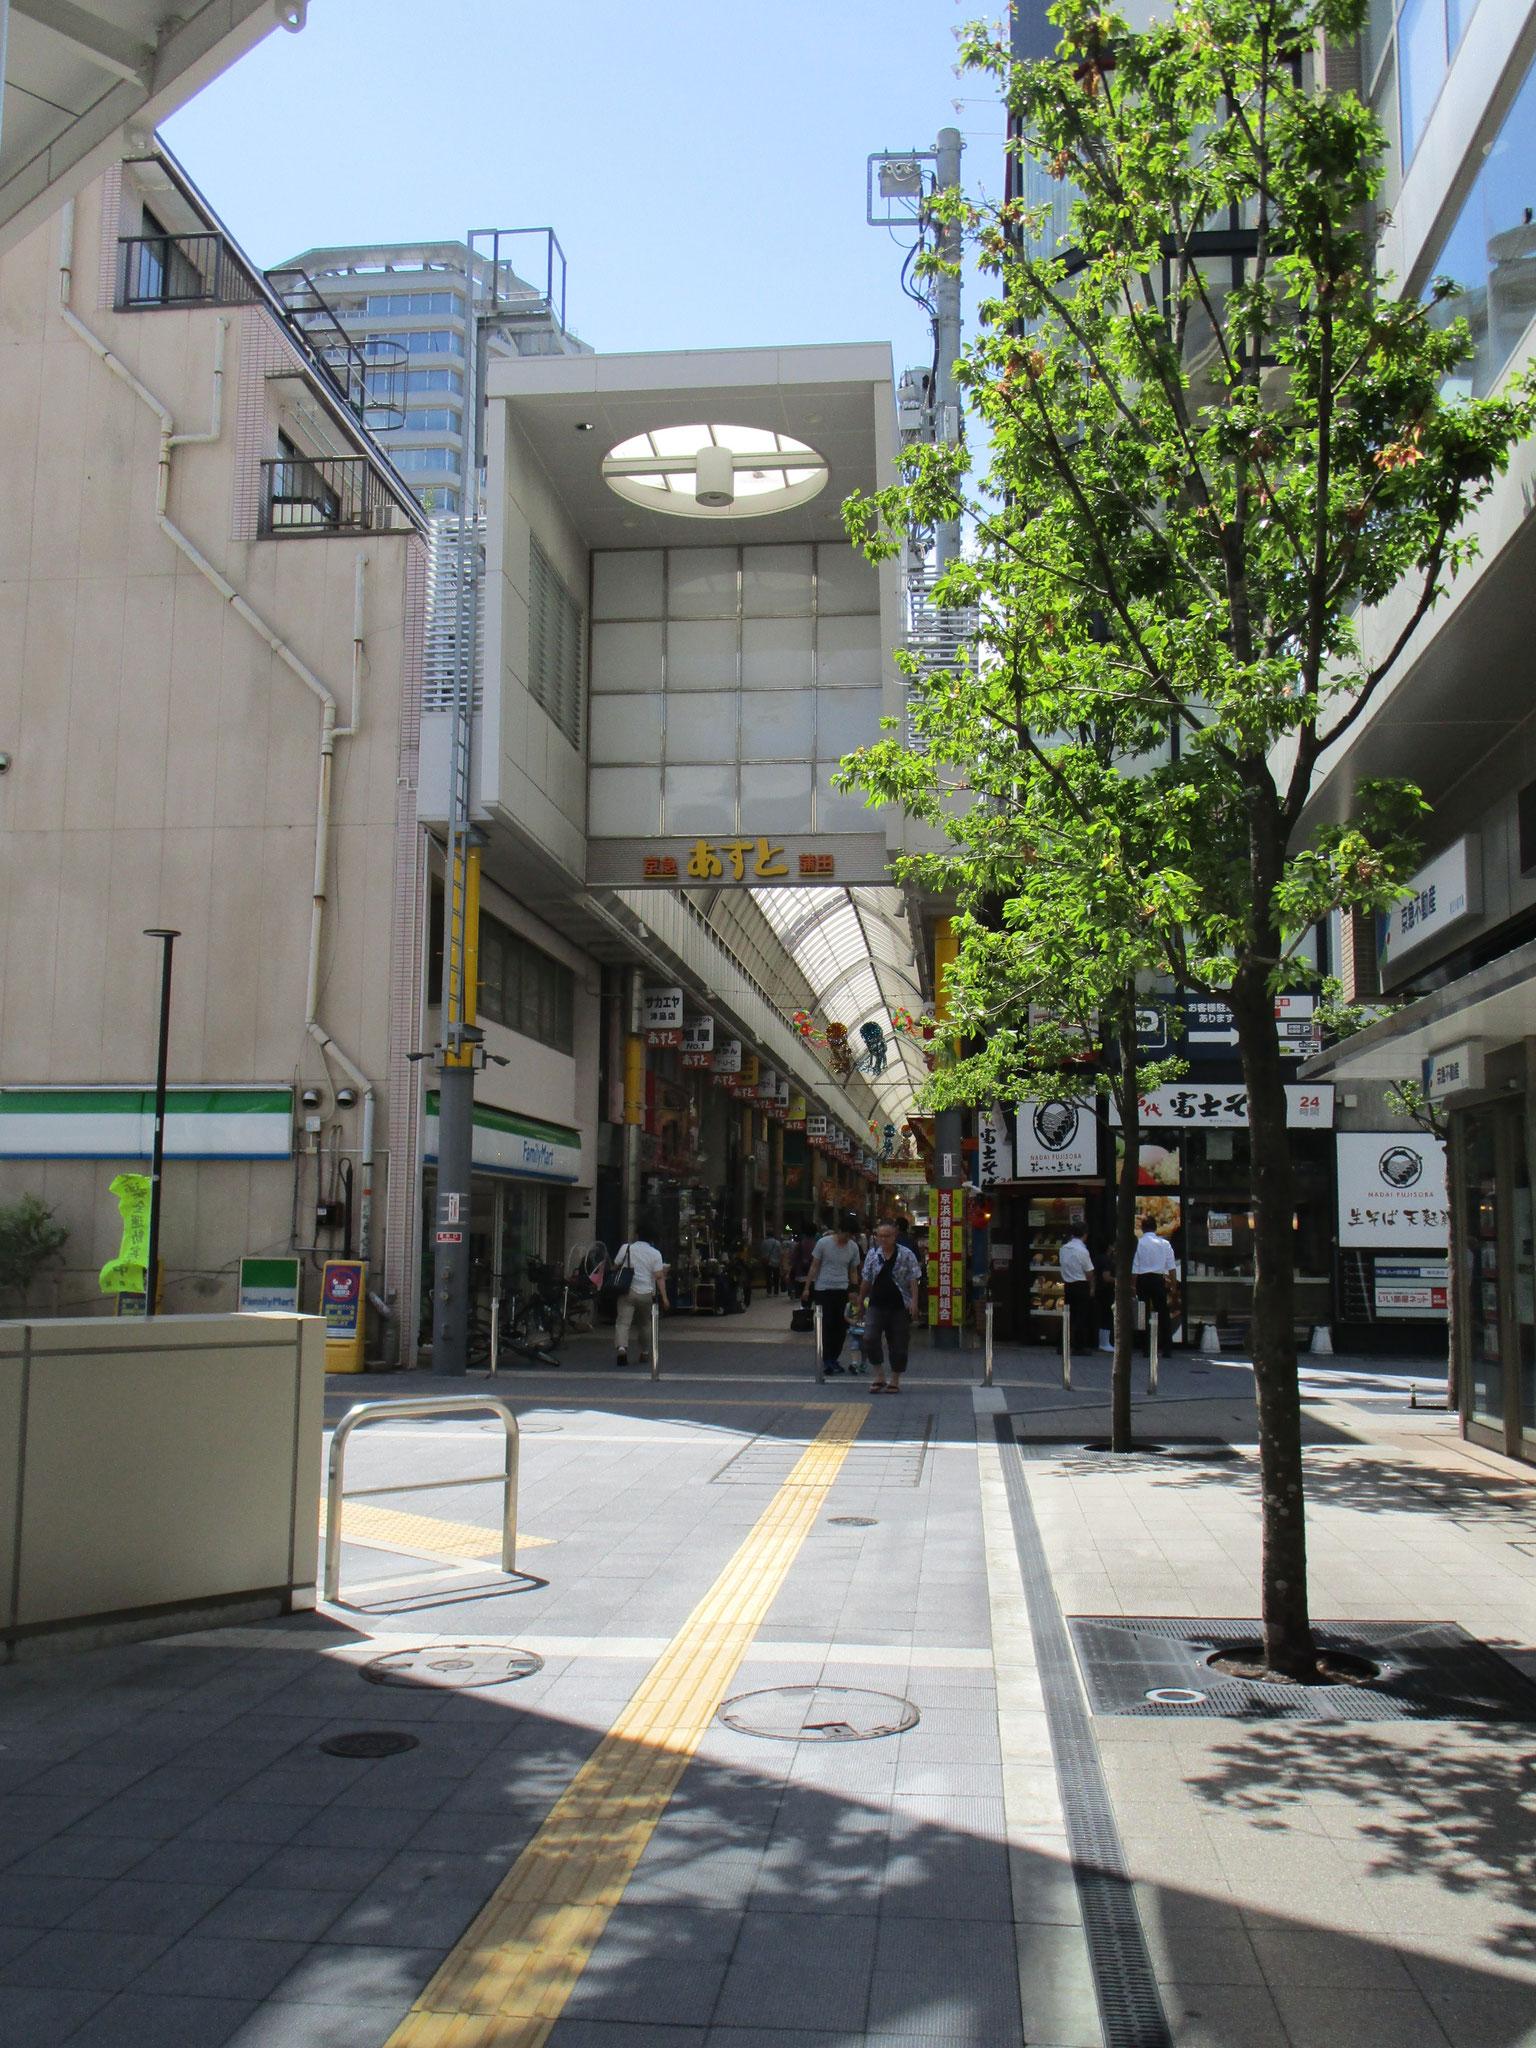 そのお隣、駅の向い側にはアーケードの京浜蒲田商店街「あすと」の入り口